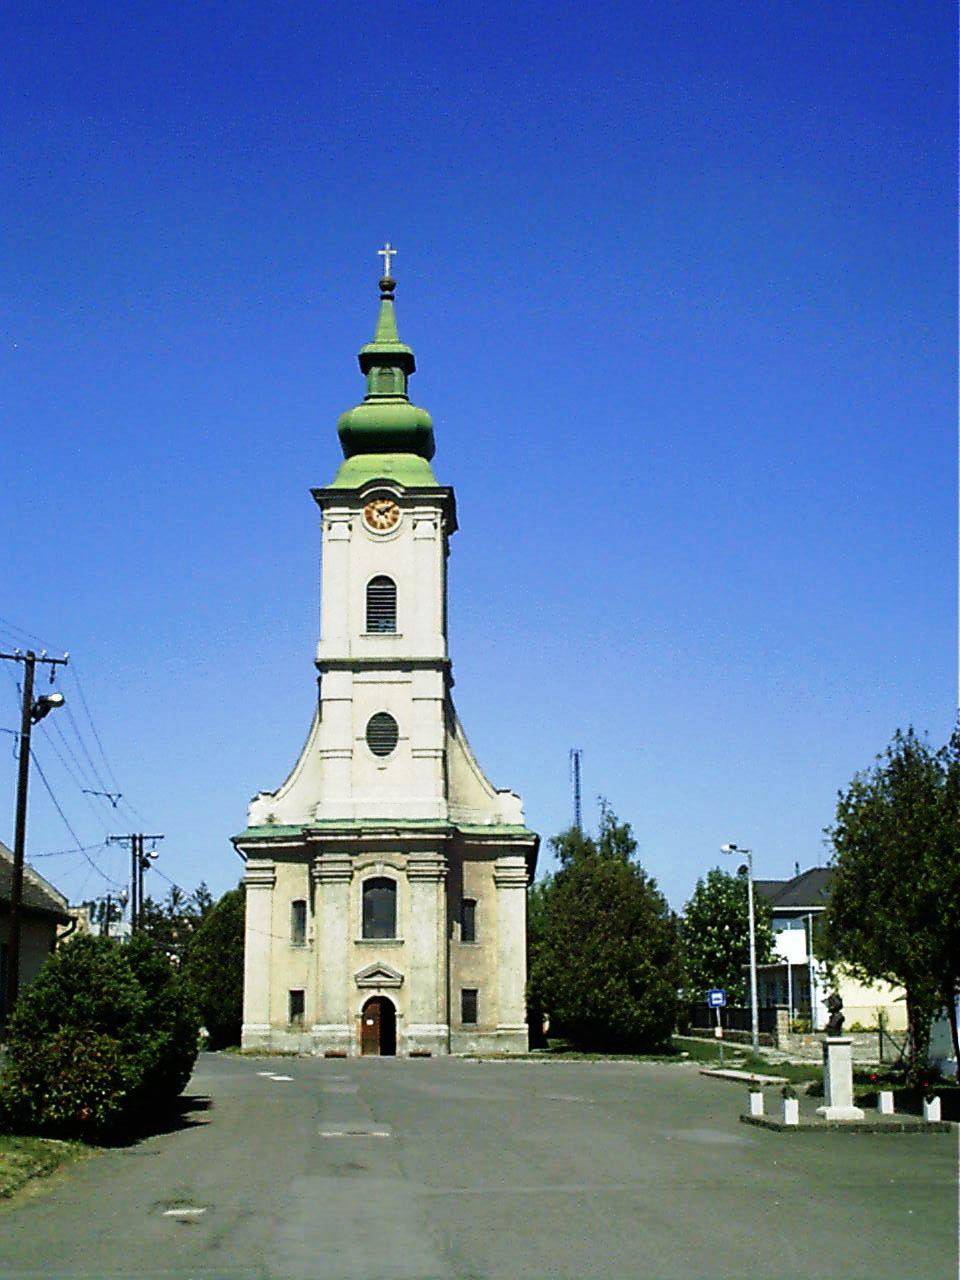 A Szent László király római katolikus templom Szob Pest megyei település központjában épült 1775–1778 között, barokk stílusban. 1779-ben szentelték fel Szent László tiszteletére.